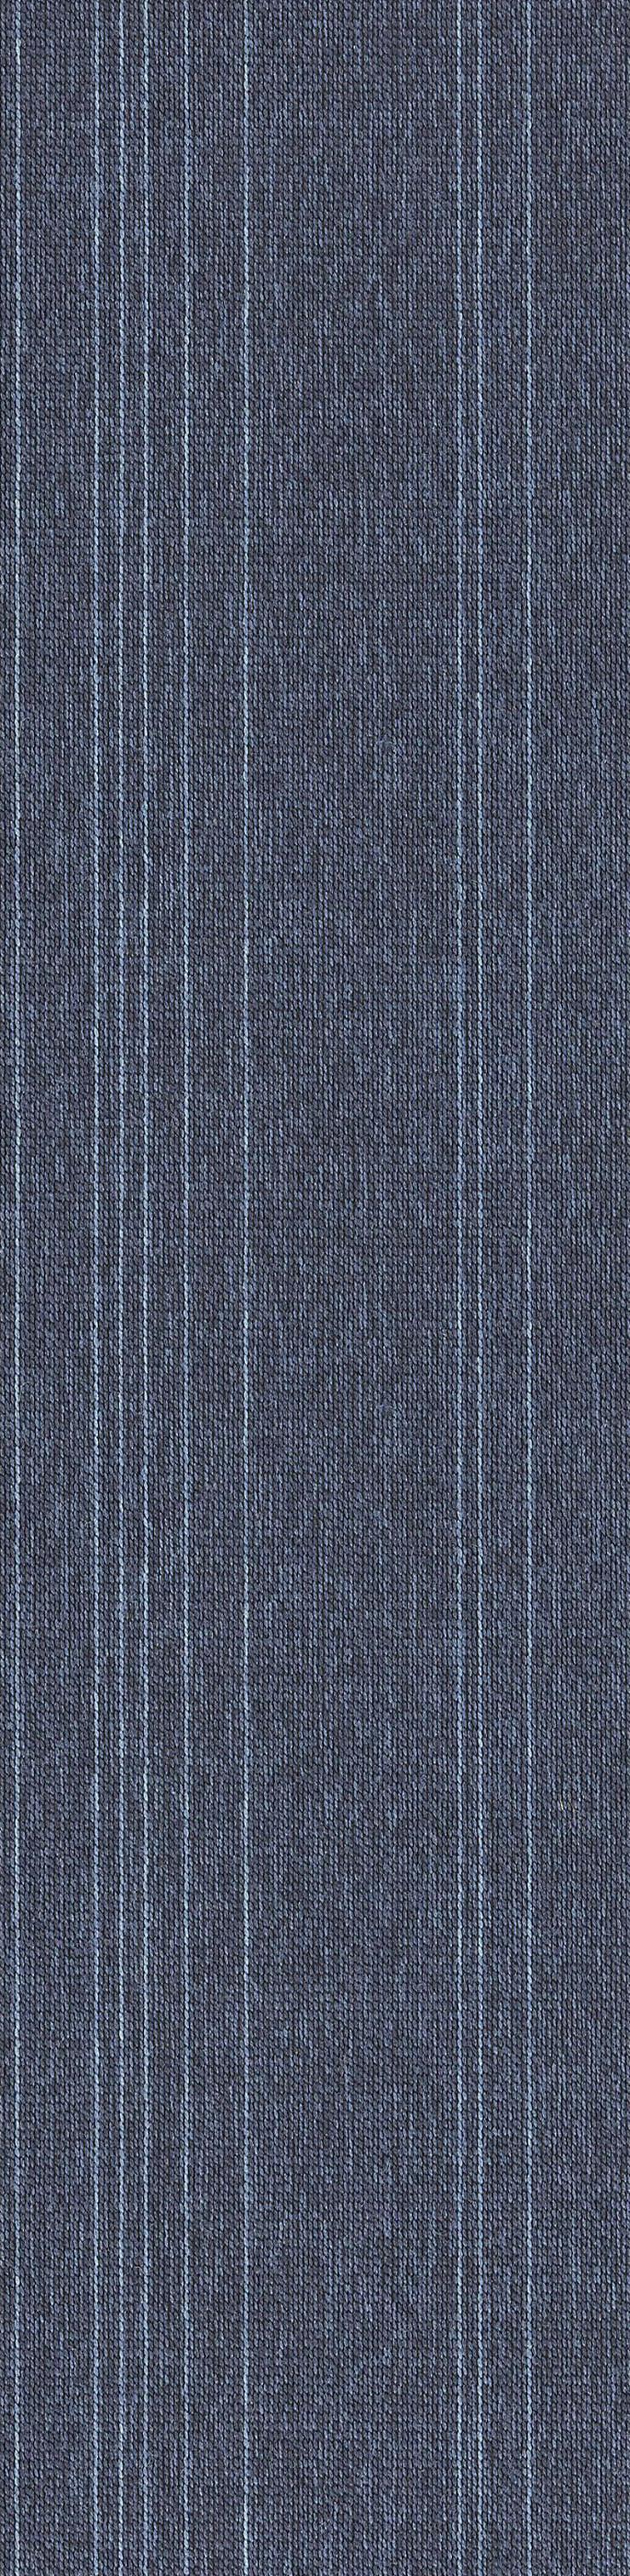 Blaue 'Laminat' Teppichfliesen 25 cm x 100 cm Sehr dekorativ! - Teppiche - Bild 1